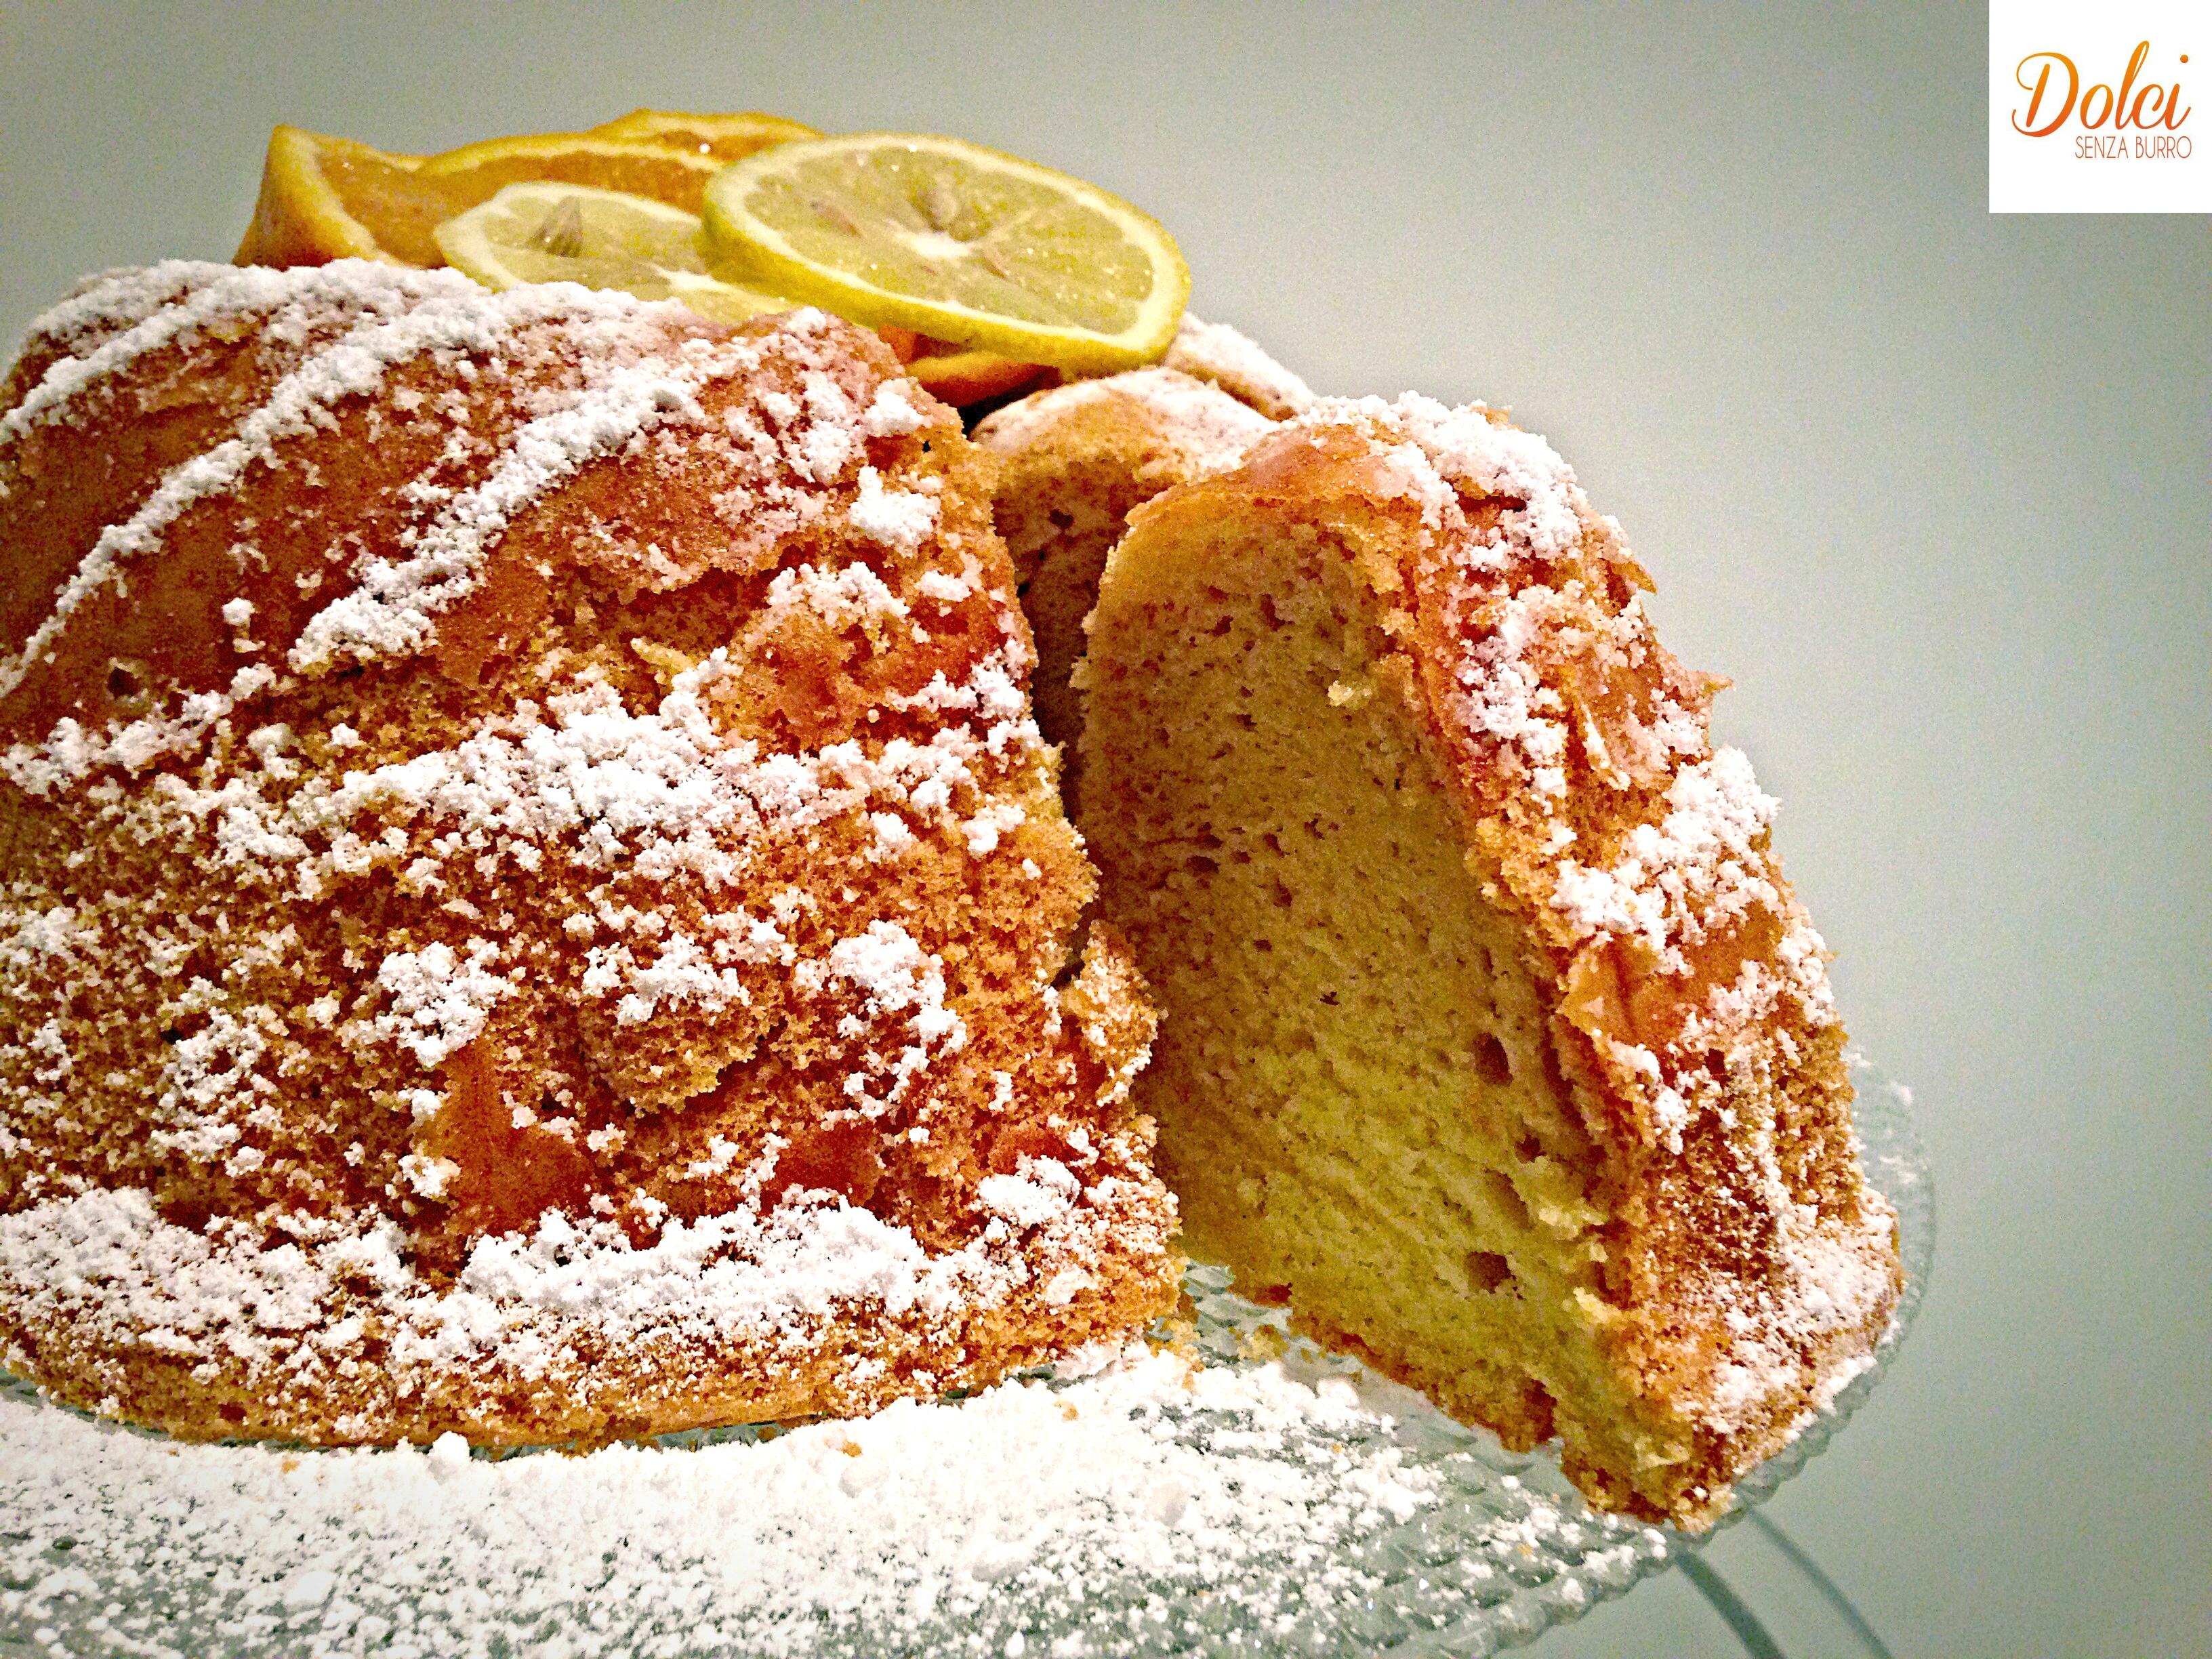 La Chiffon Cake all'Arancia, la fluffuosa che più soffice non c'è!